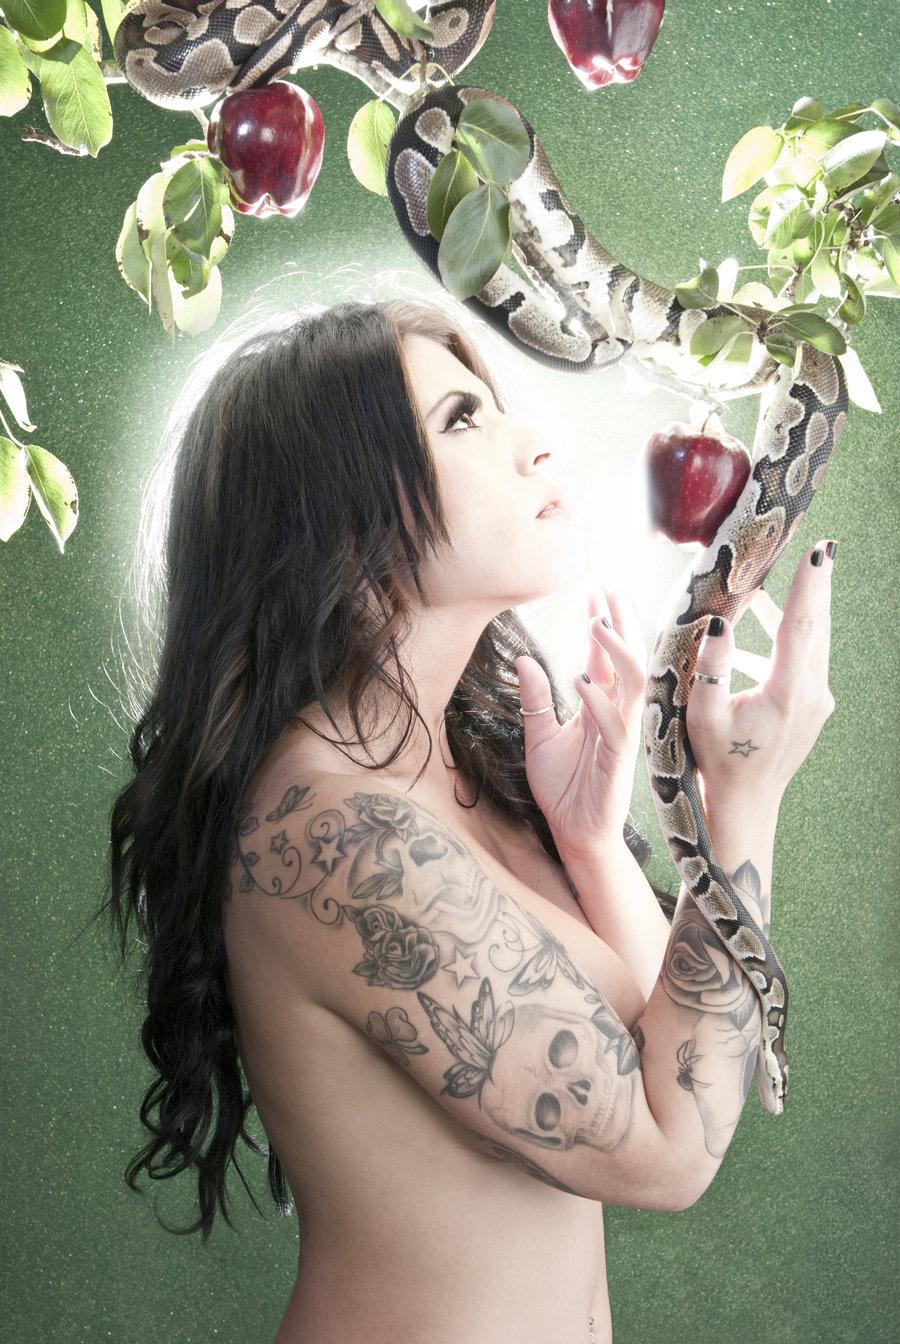 Eve: In the garden of Eden